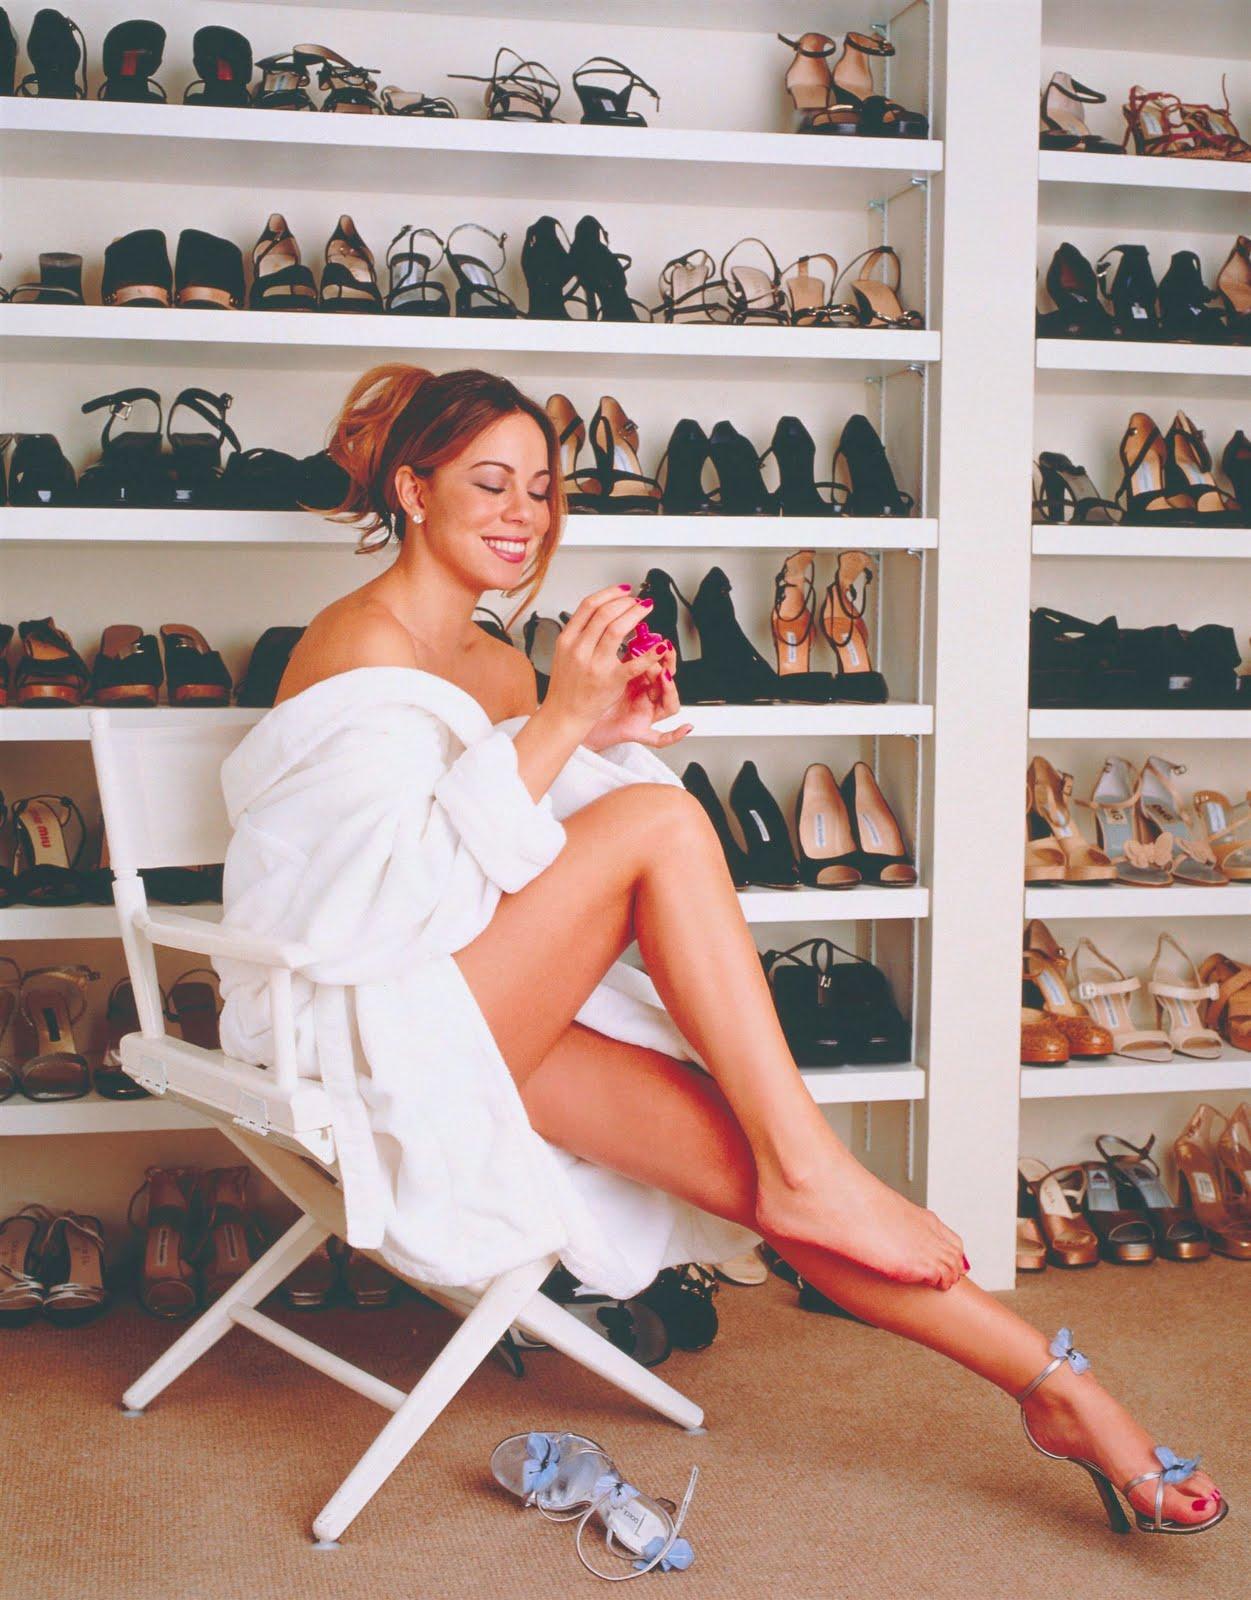 http://3.bp.blogspot.com/_UaLWp72nij4/TAVnyvHpUcI/AAAAAAAANJw/aZfZGtW0toA/s1600/mariah-carey-feet.jpg